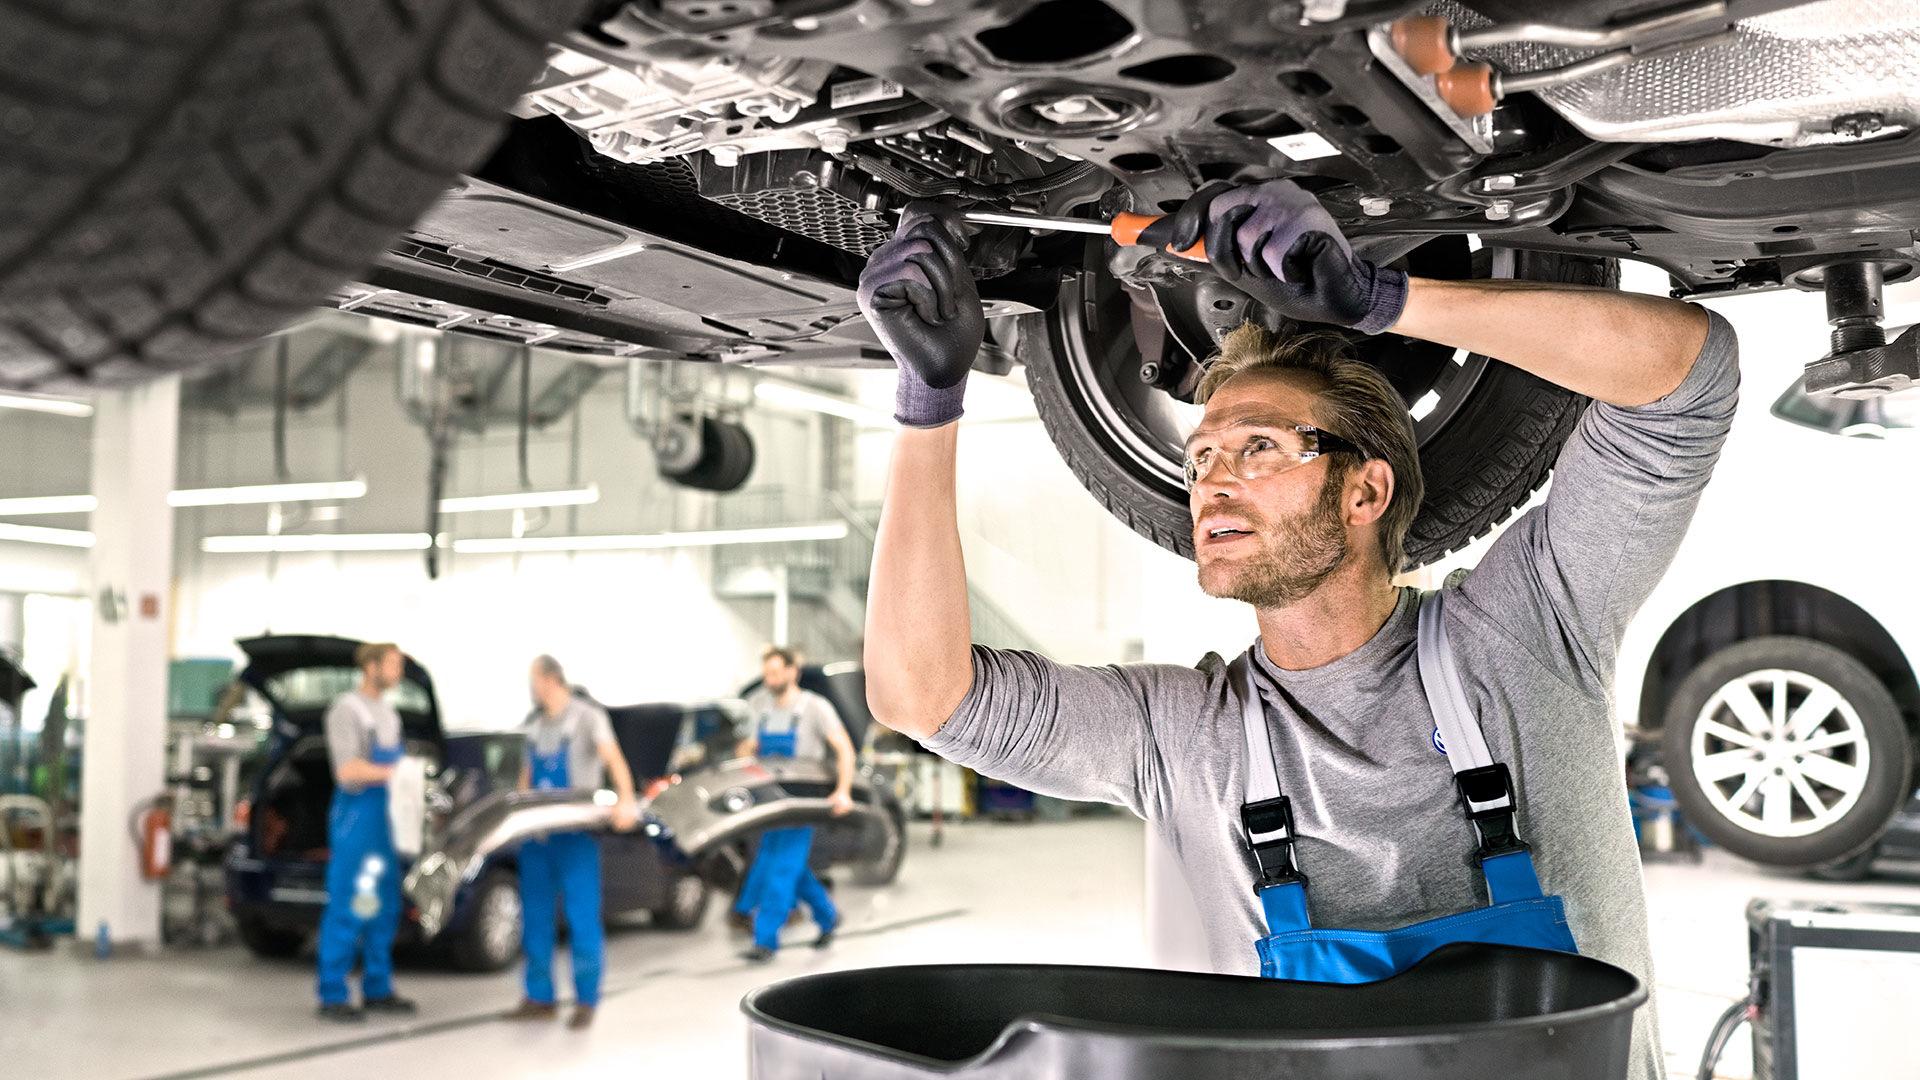 Ремонт автомобилей — как найти лучший сервис